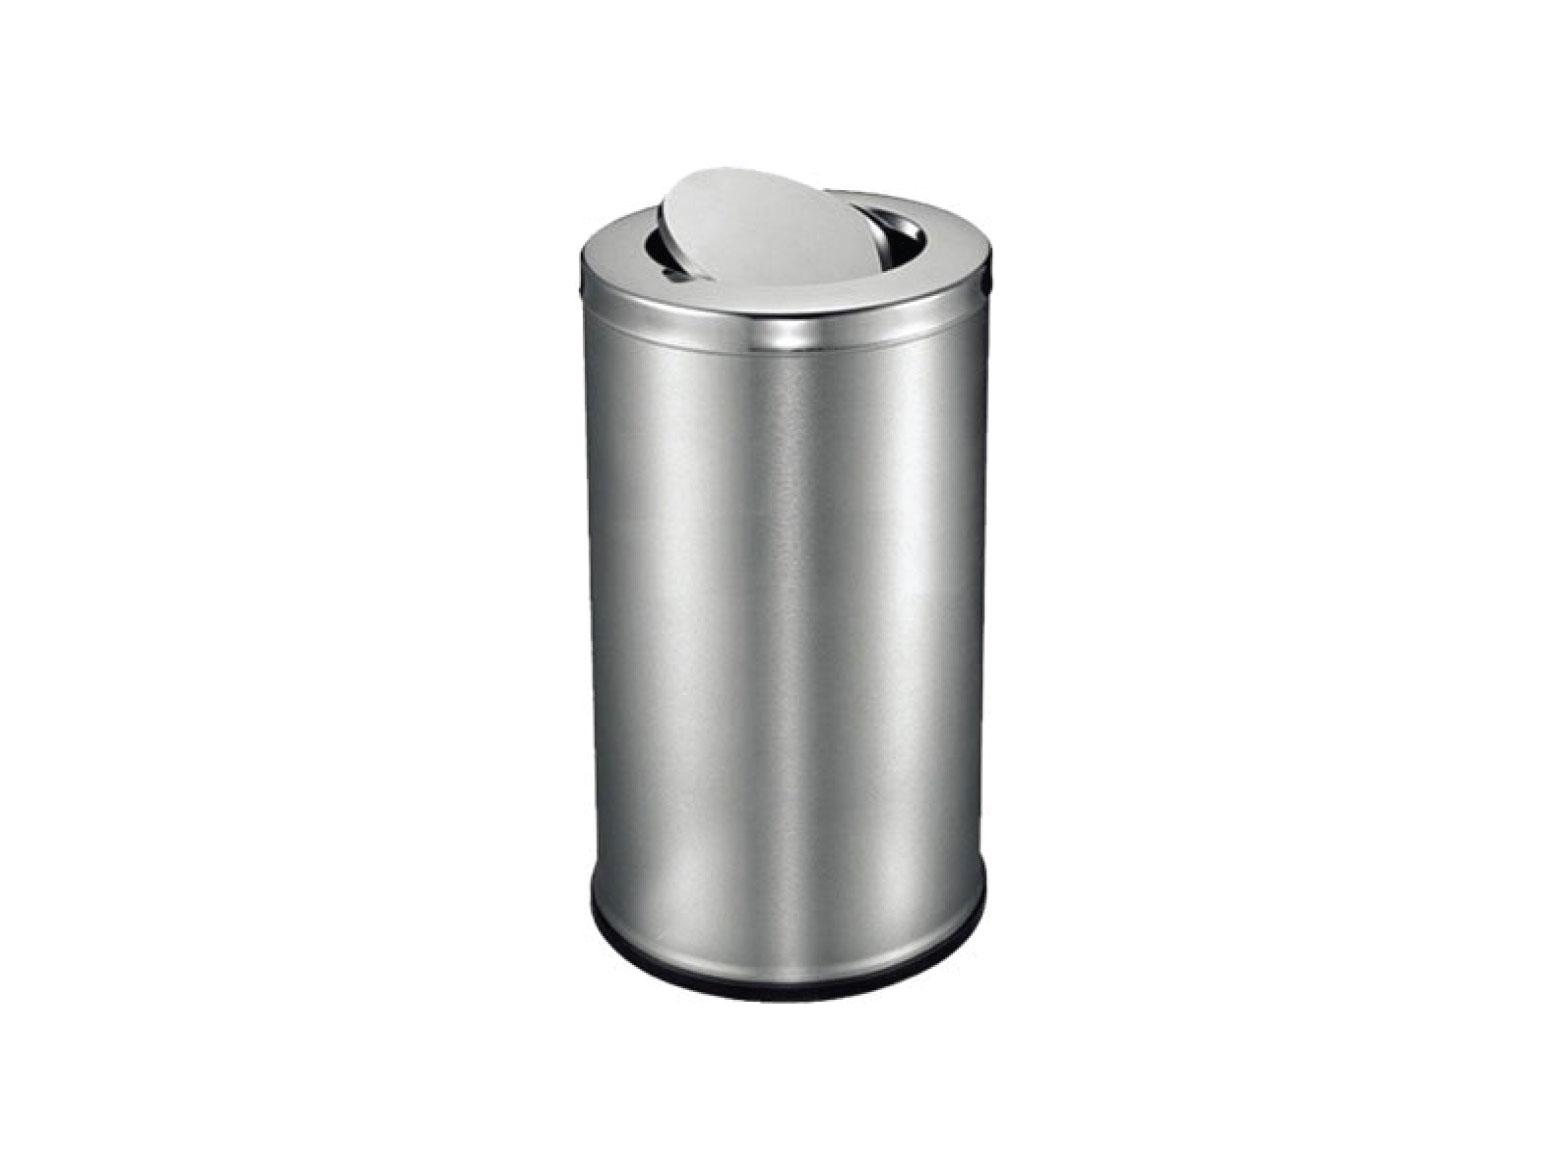 Stainless Steel Swing Top Bin